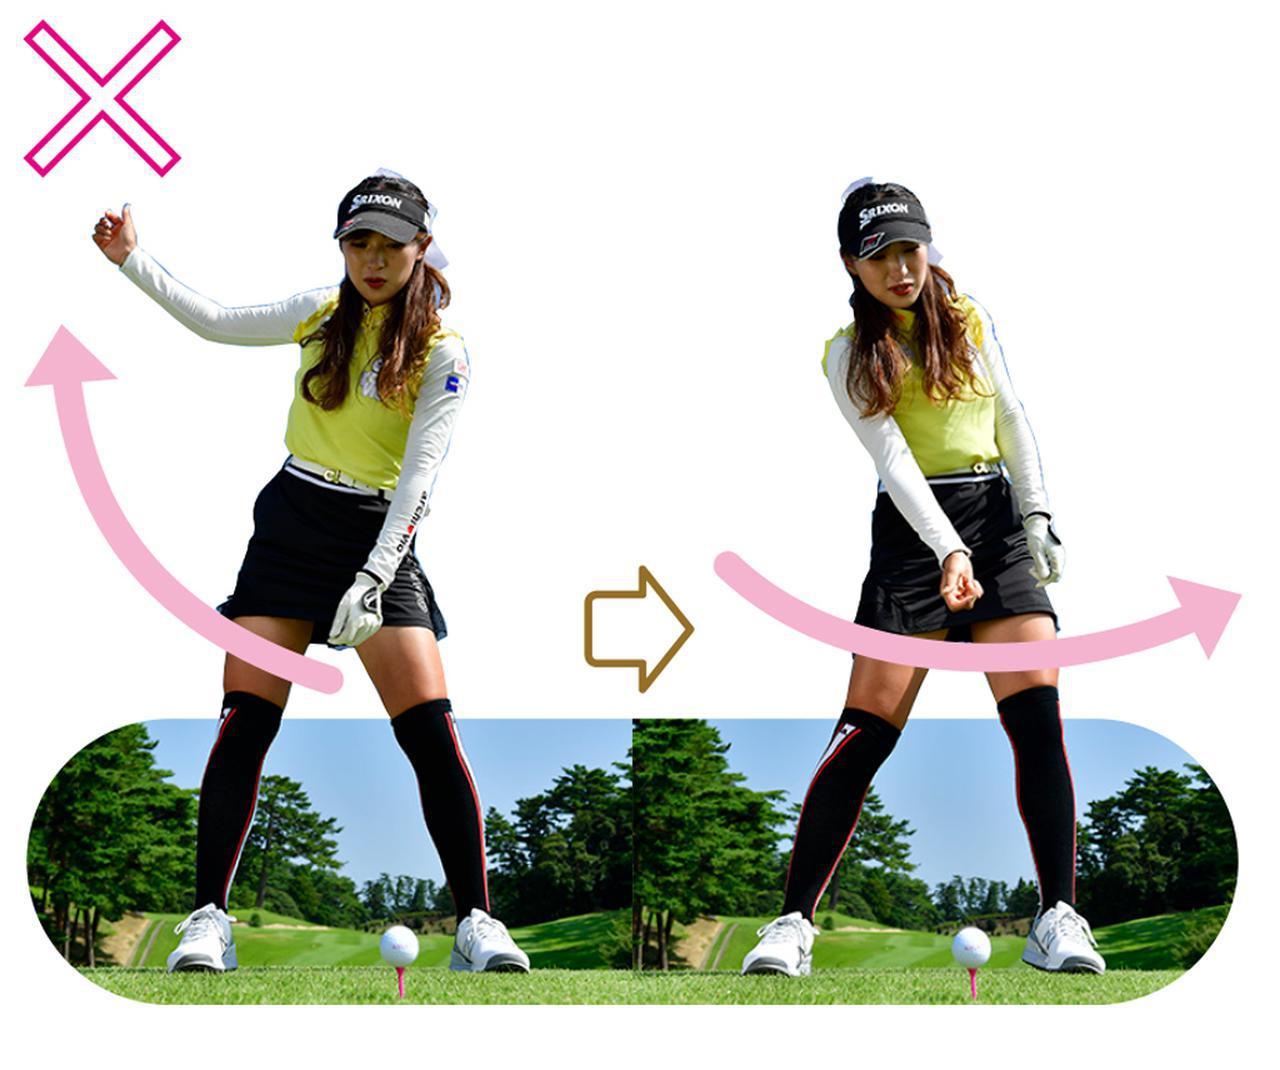 画像: 左右の動きだけでボールを叩こうとしても、インパクトで力が入らずボールを押し込めない